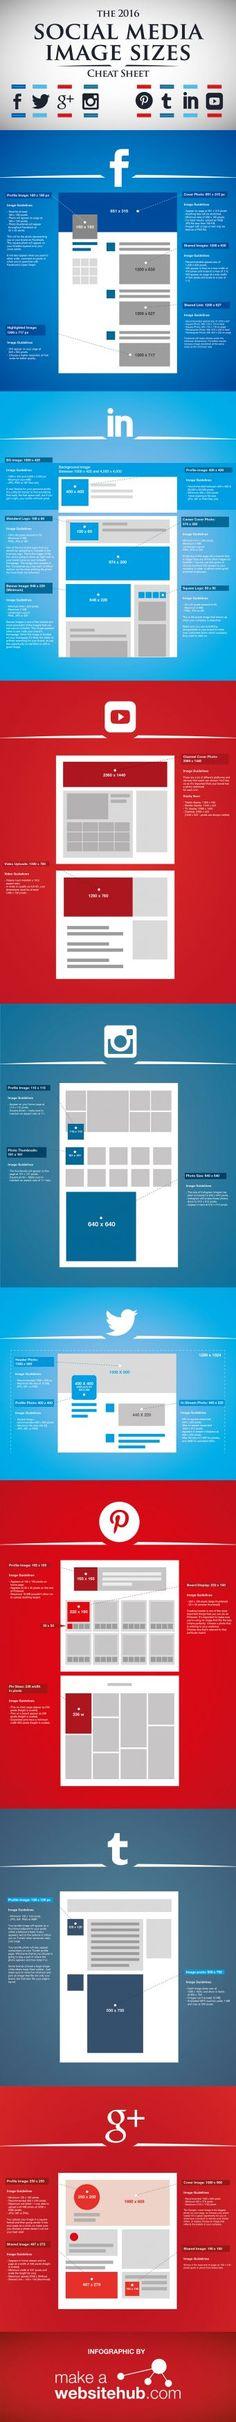 Infográfico mostra tamanhos para imagens nas redes sociais em 2016